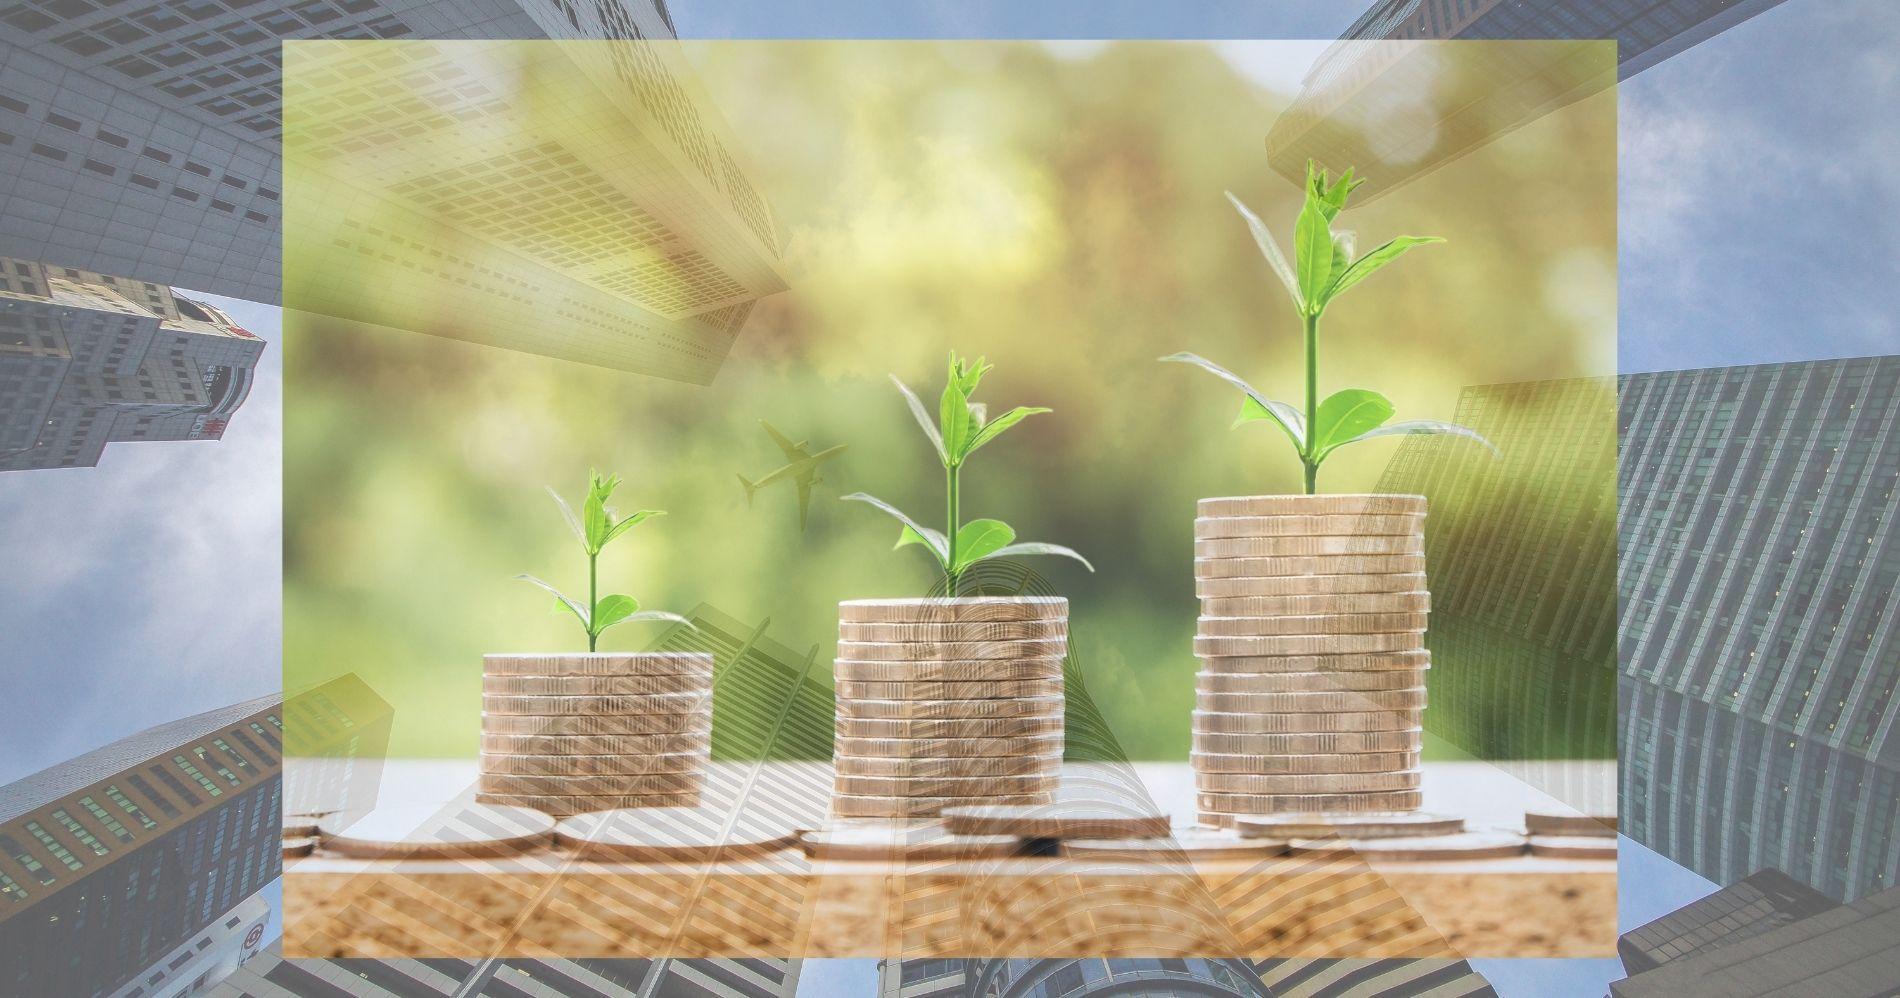 Ilustrasi Gambar Perusahaan yang melakukan IPO - Bisnis Muda - Canva.com